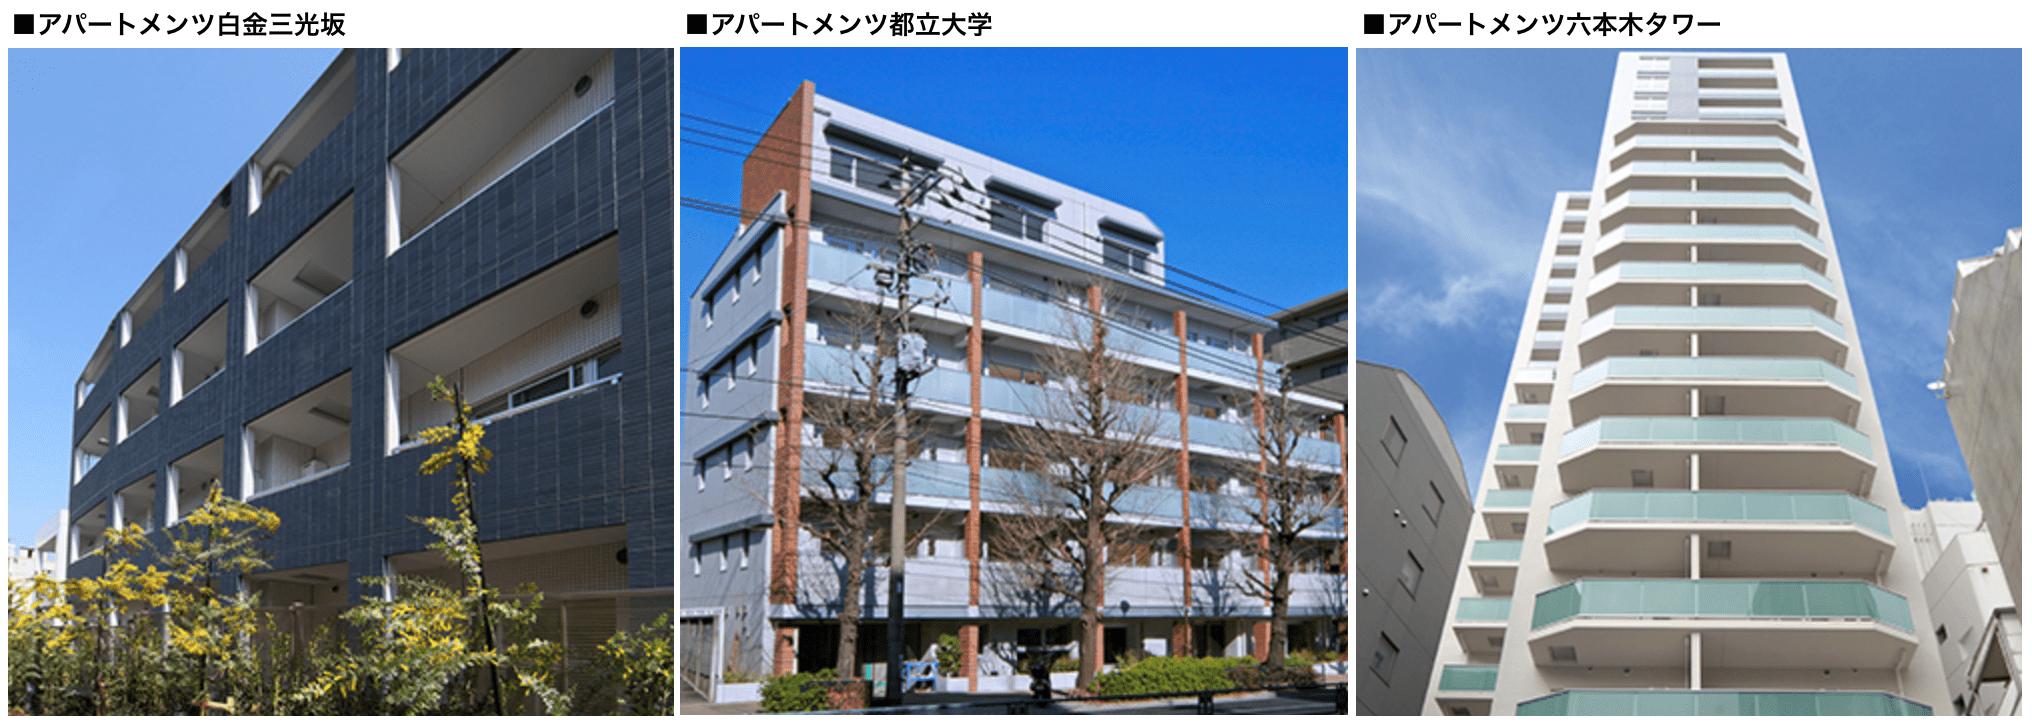 アパートメンツの外観イメージ